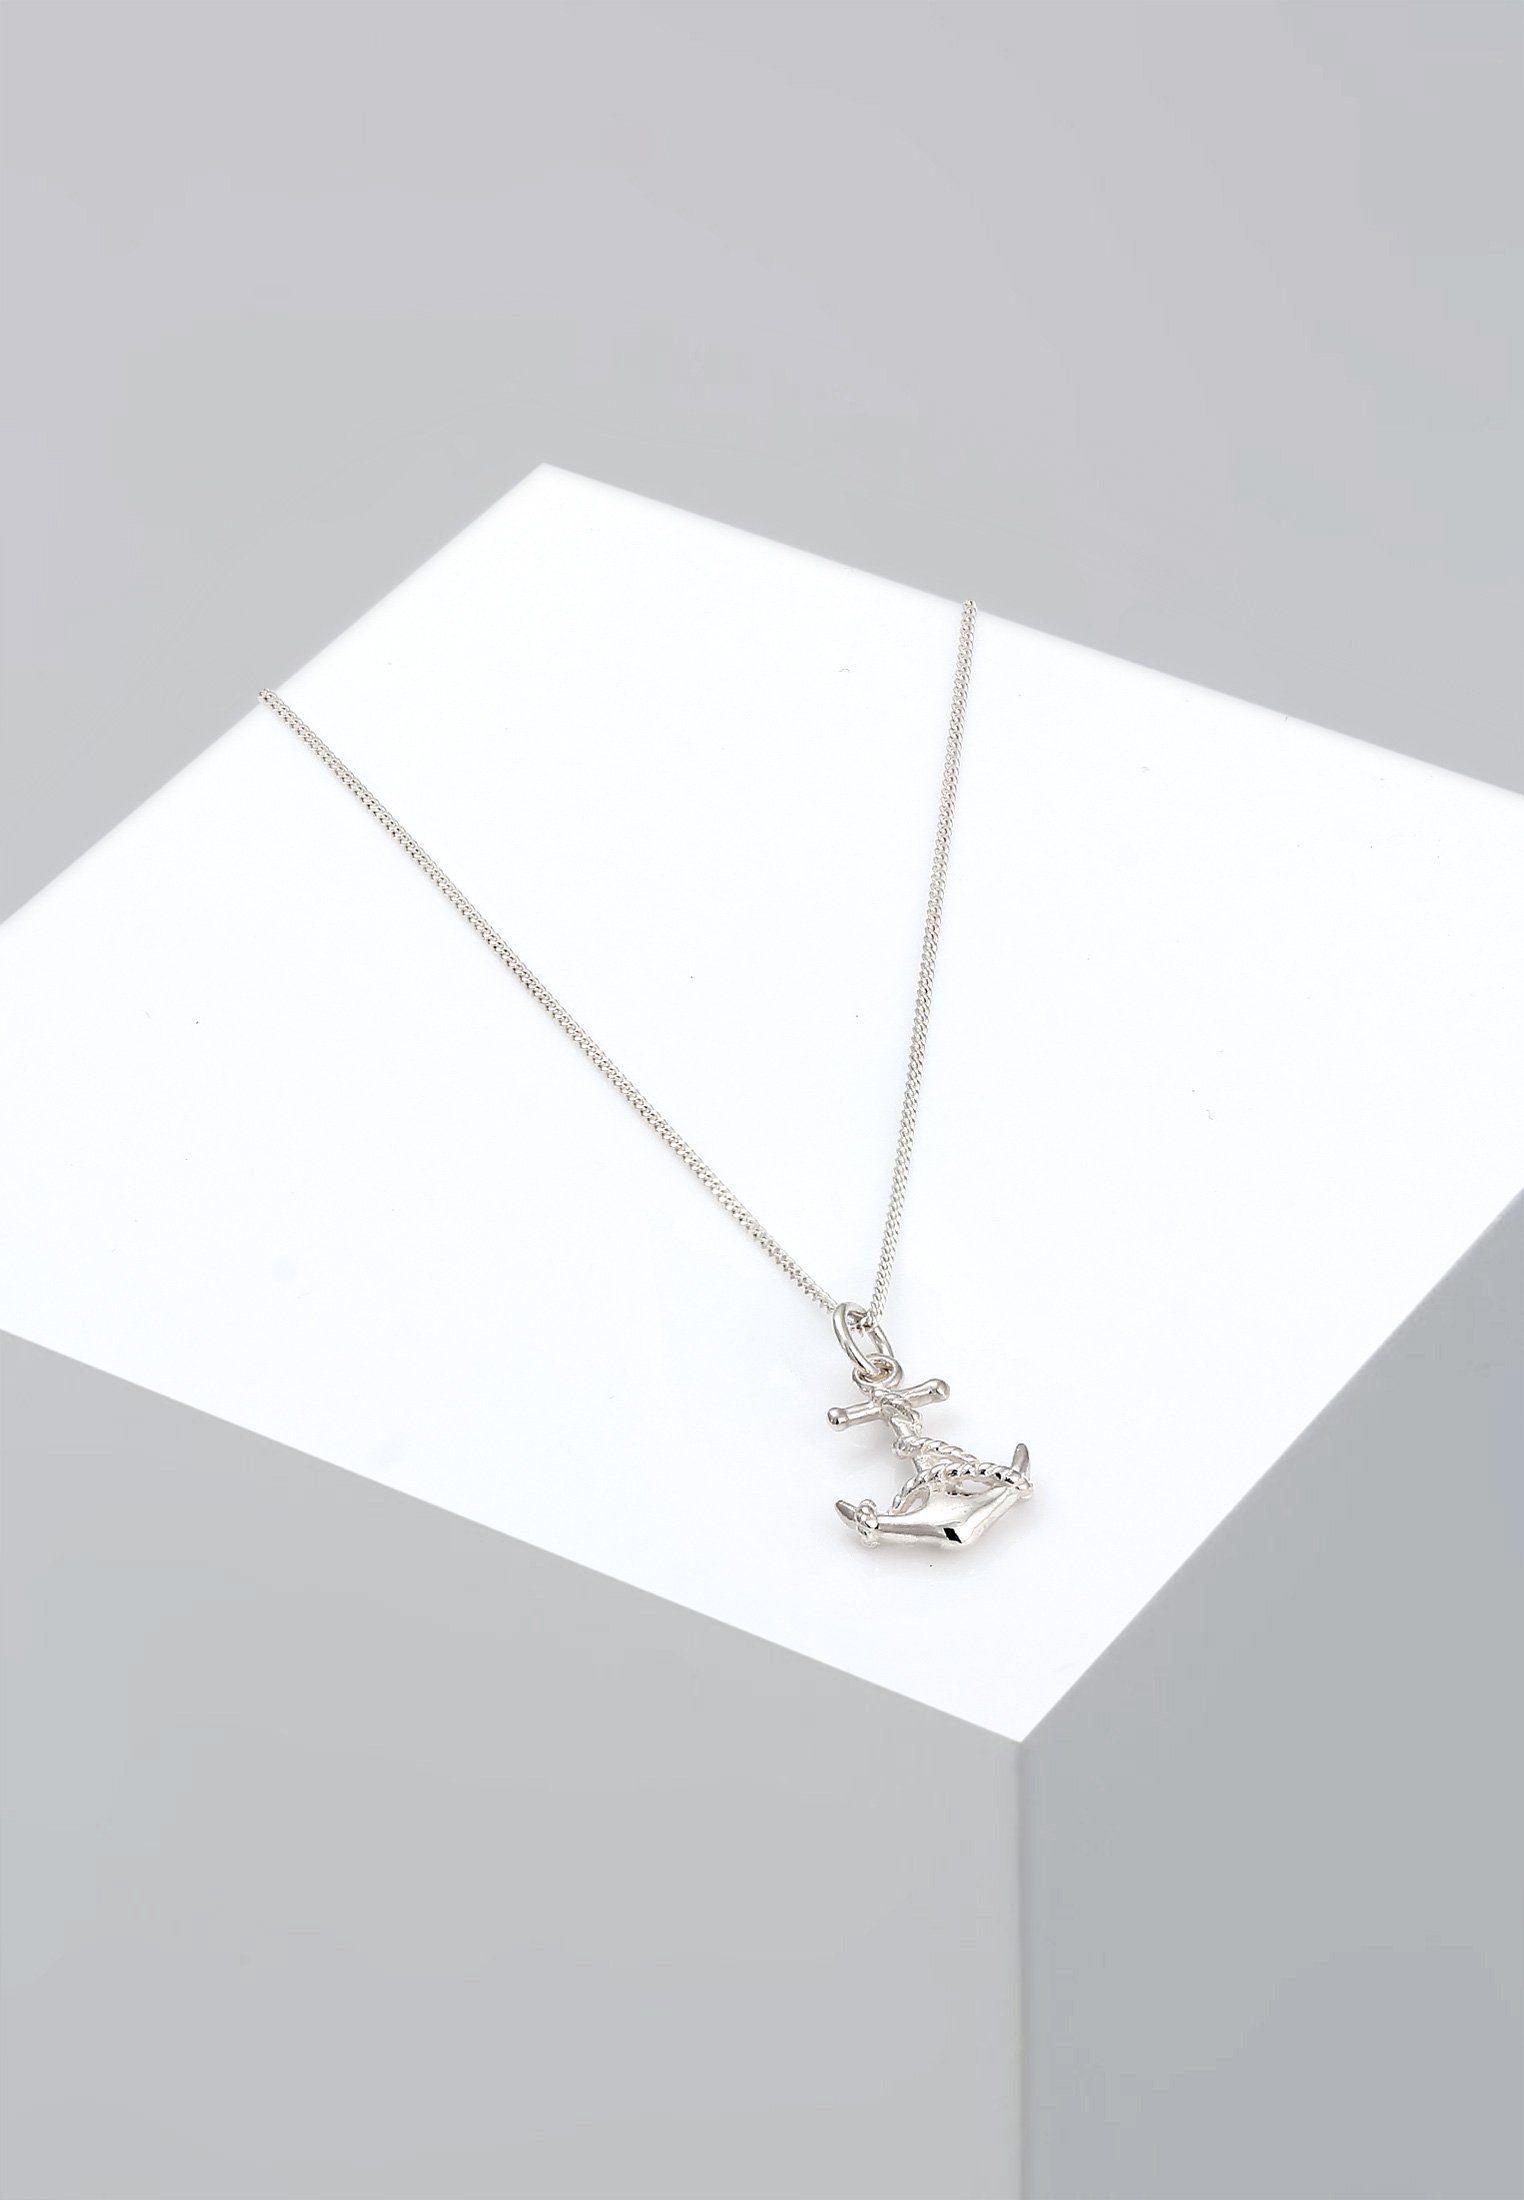 Elli Halskette Maritim 925 See Online »anker Symbol Silber« Kaufen F1KJlcTu3